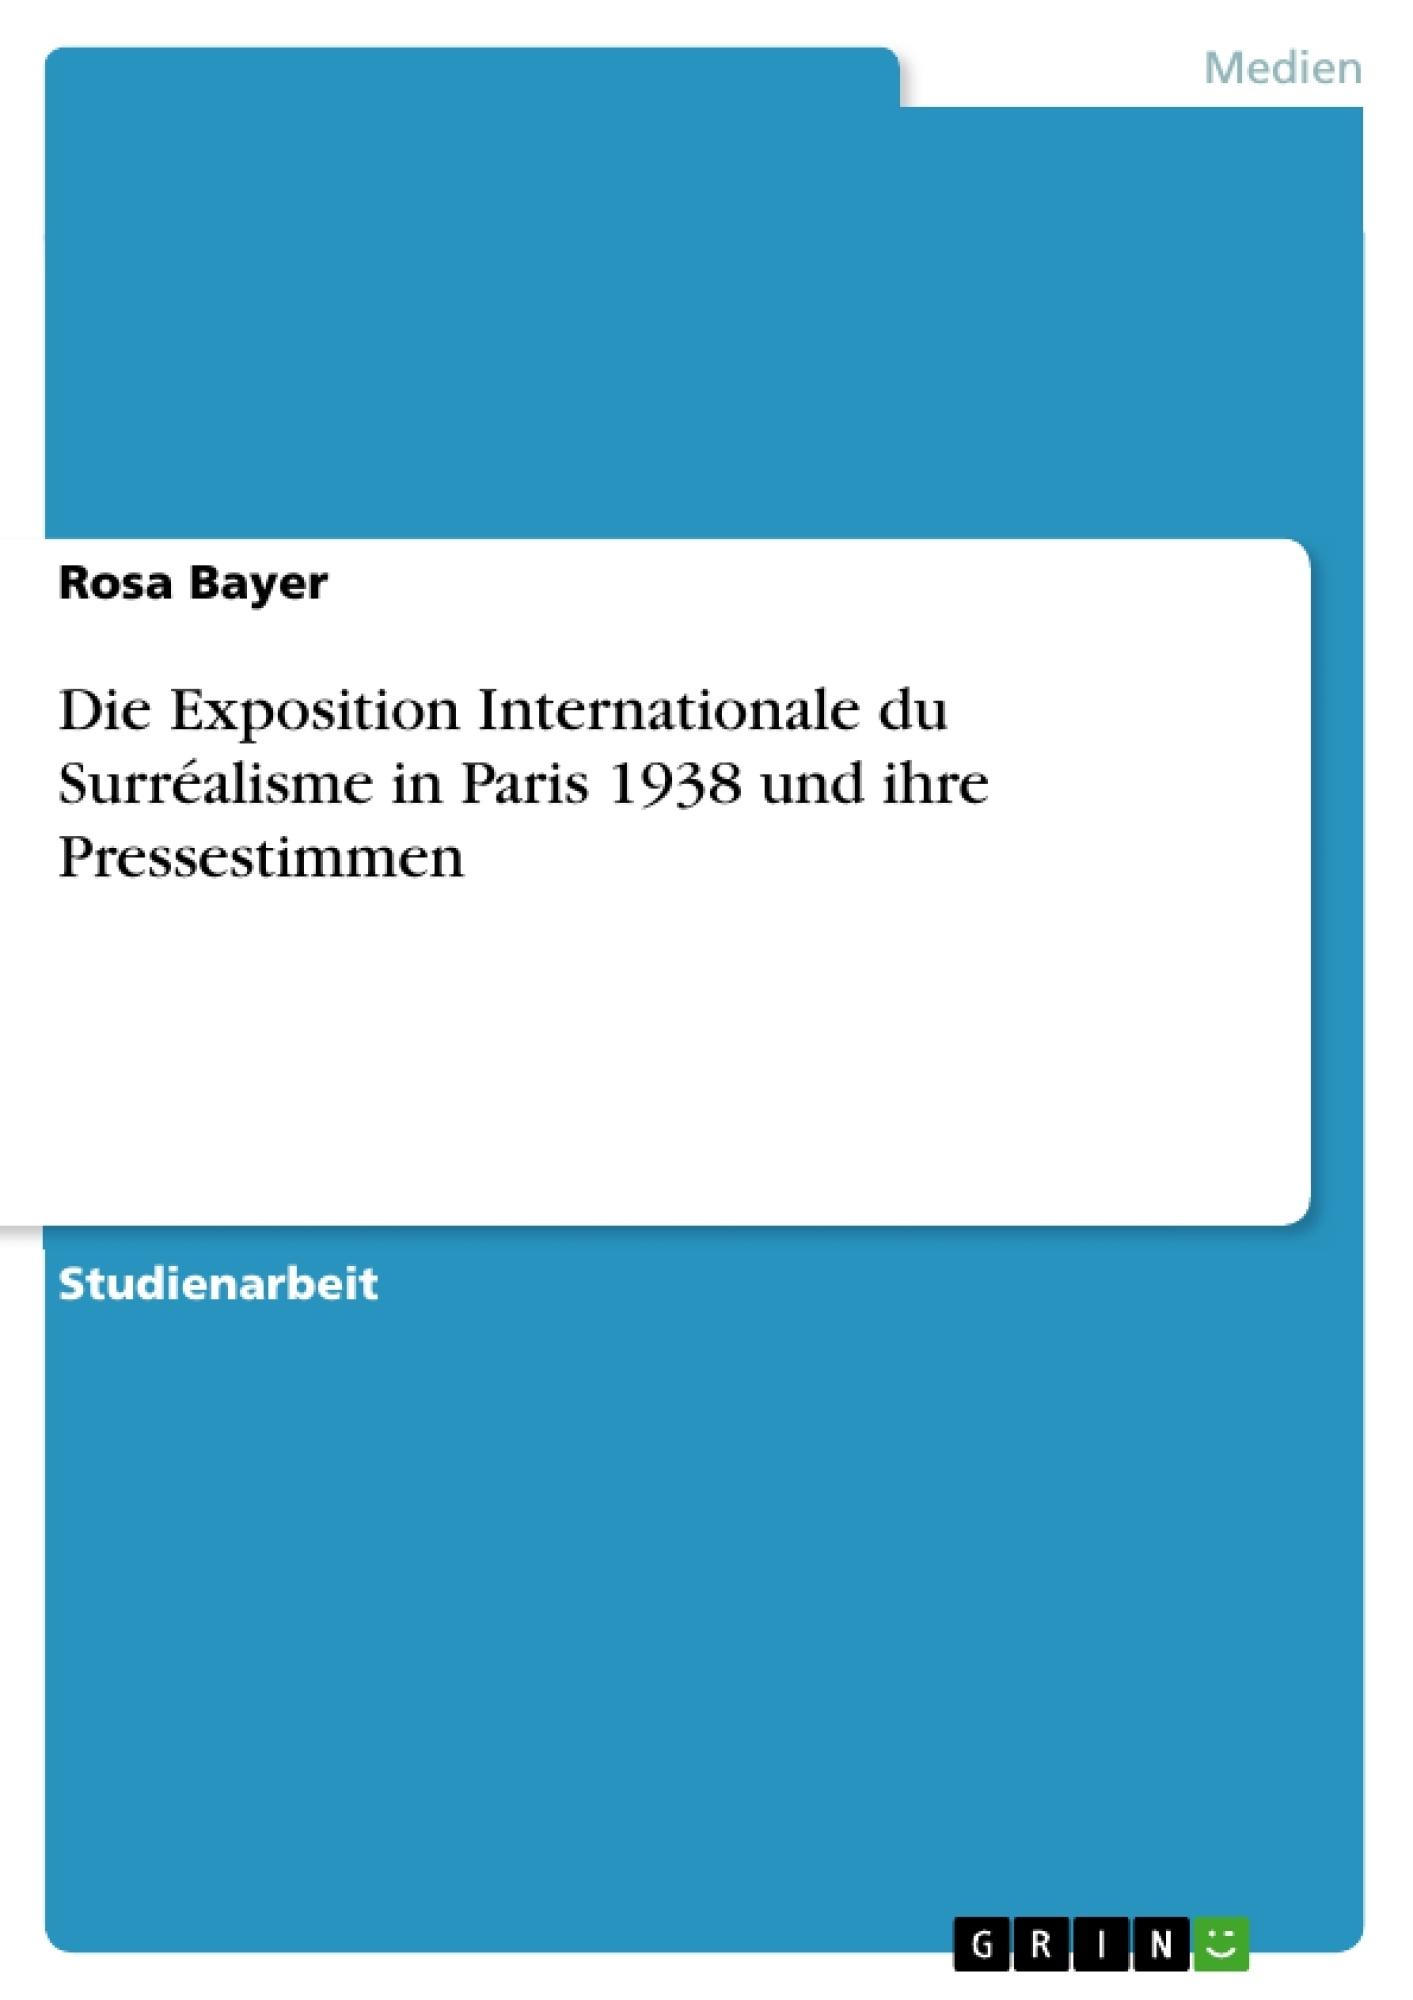 Titel: Die Exposition Internationale du Surréalisme in Paris 1938 und ihre Pressestimmen